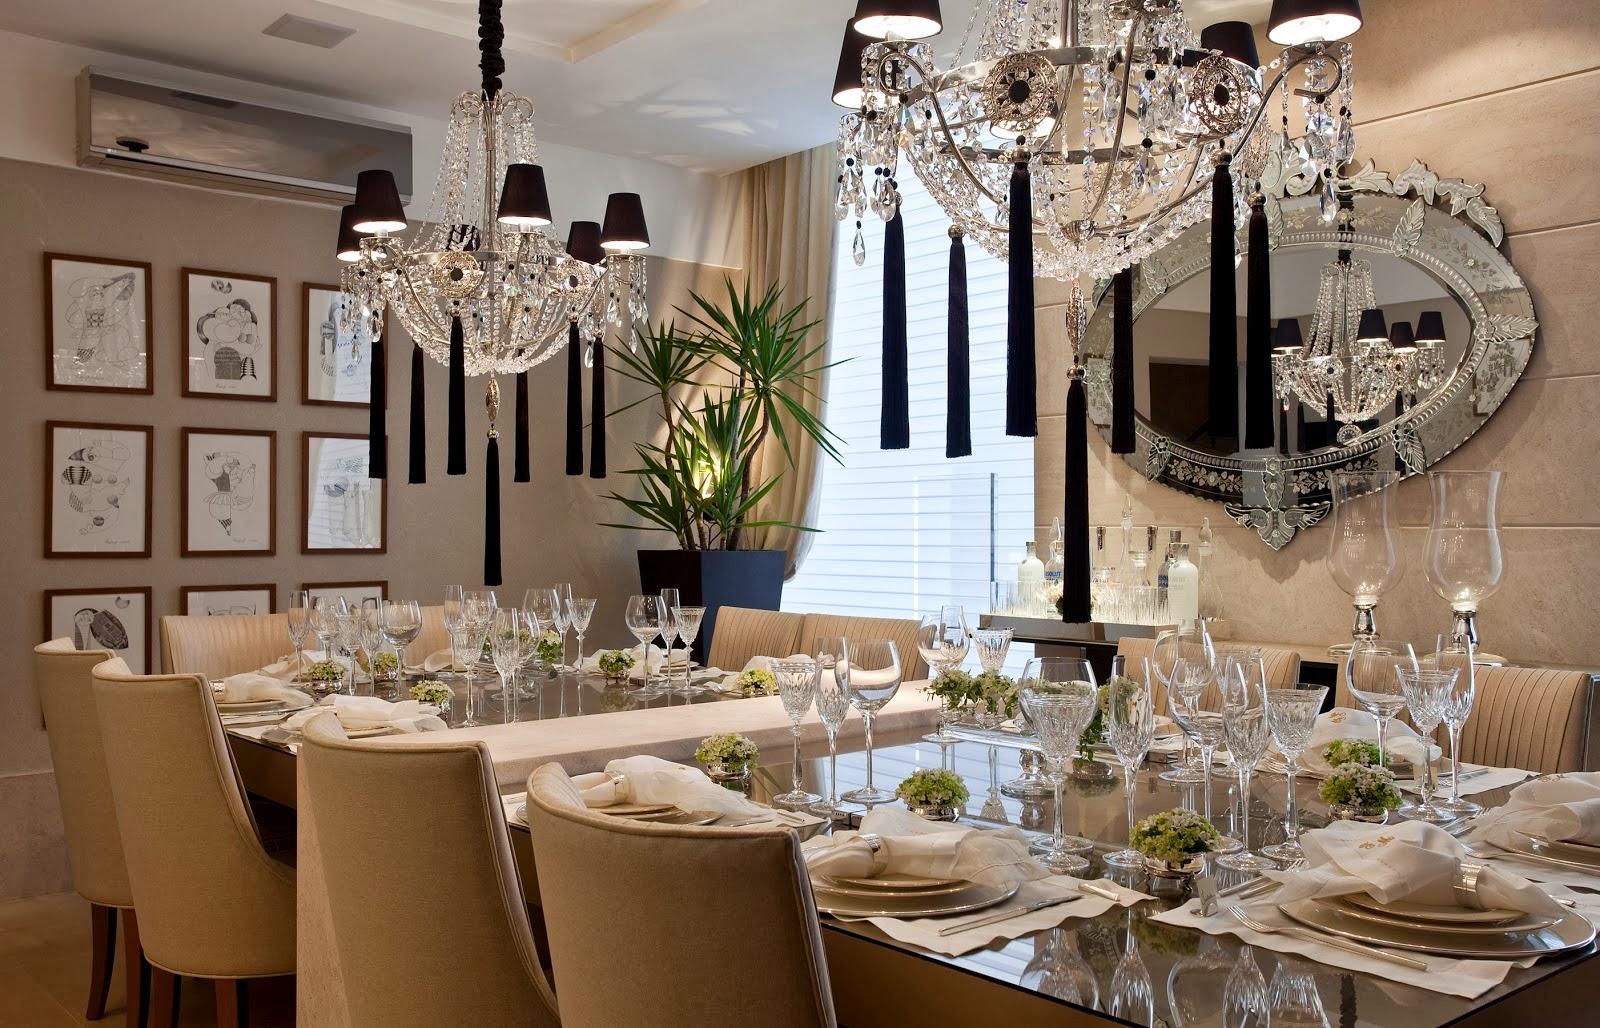 Salas de jantar50 modelos maravilhosos e dicas de como decorar